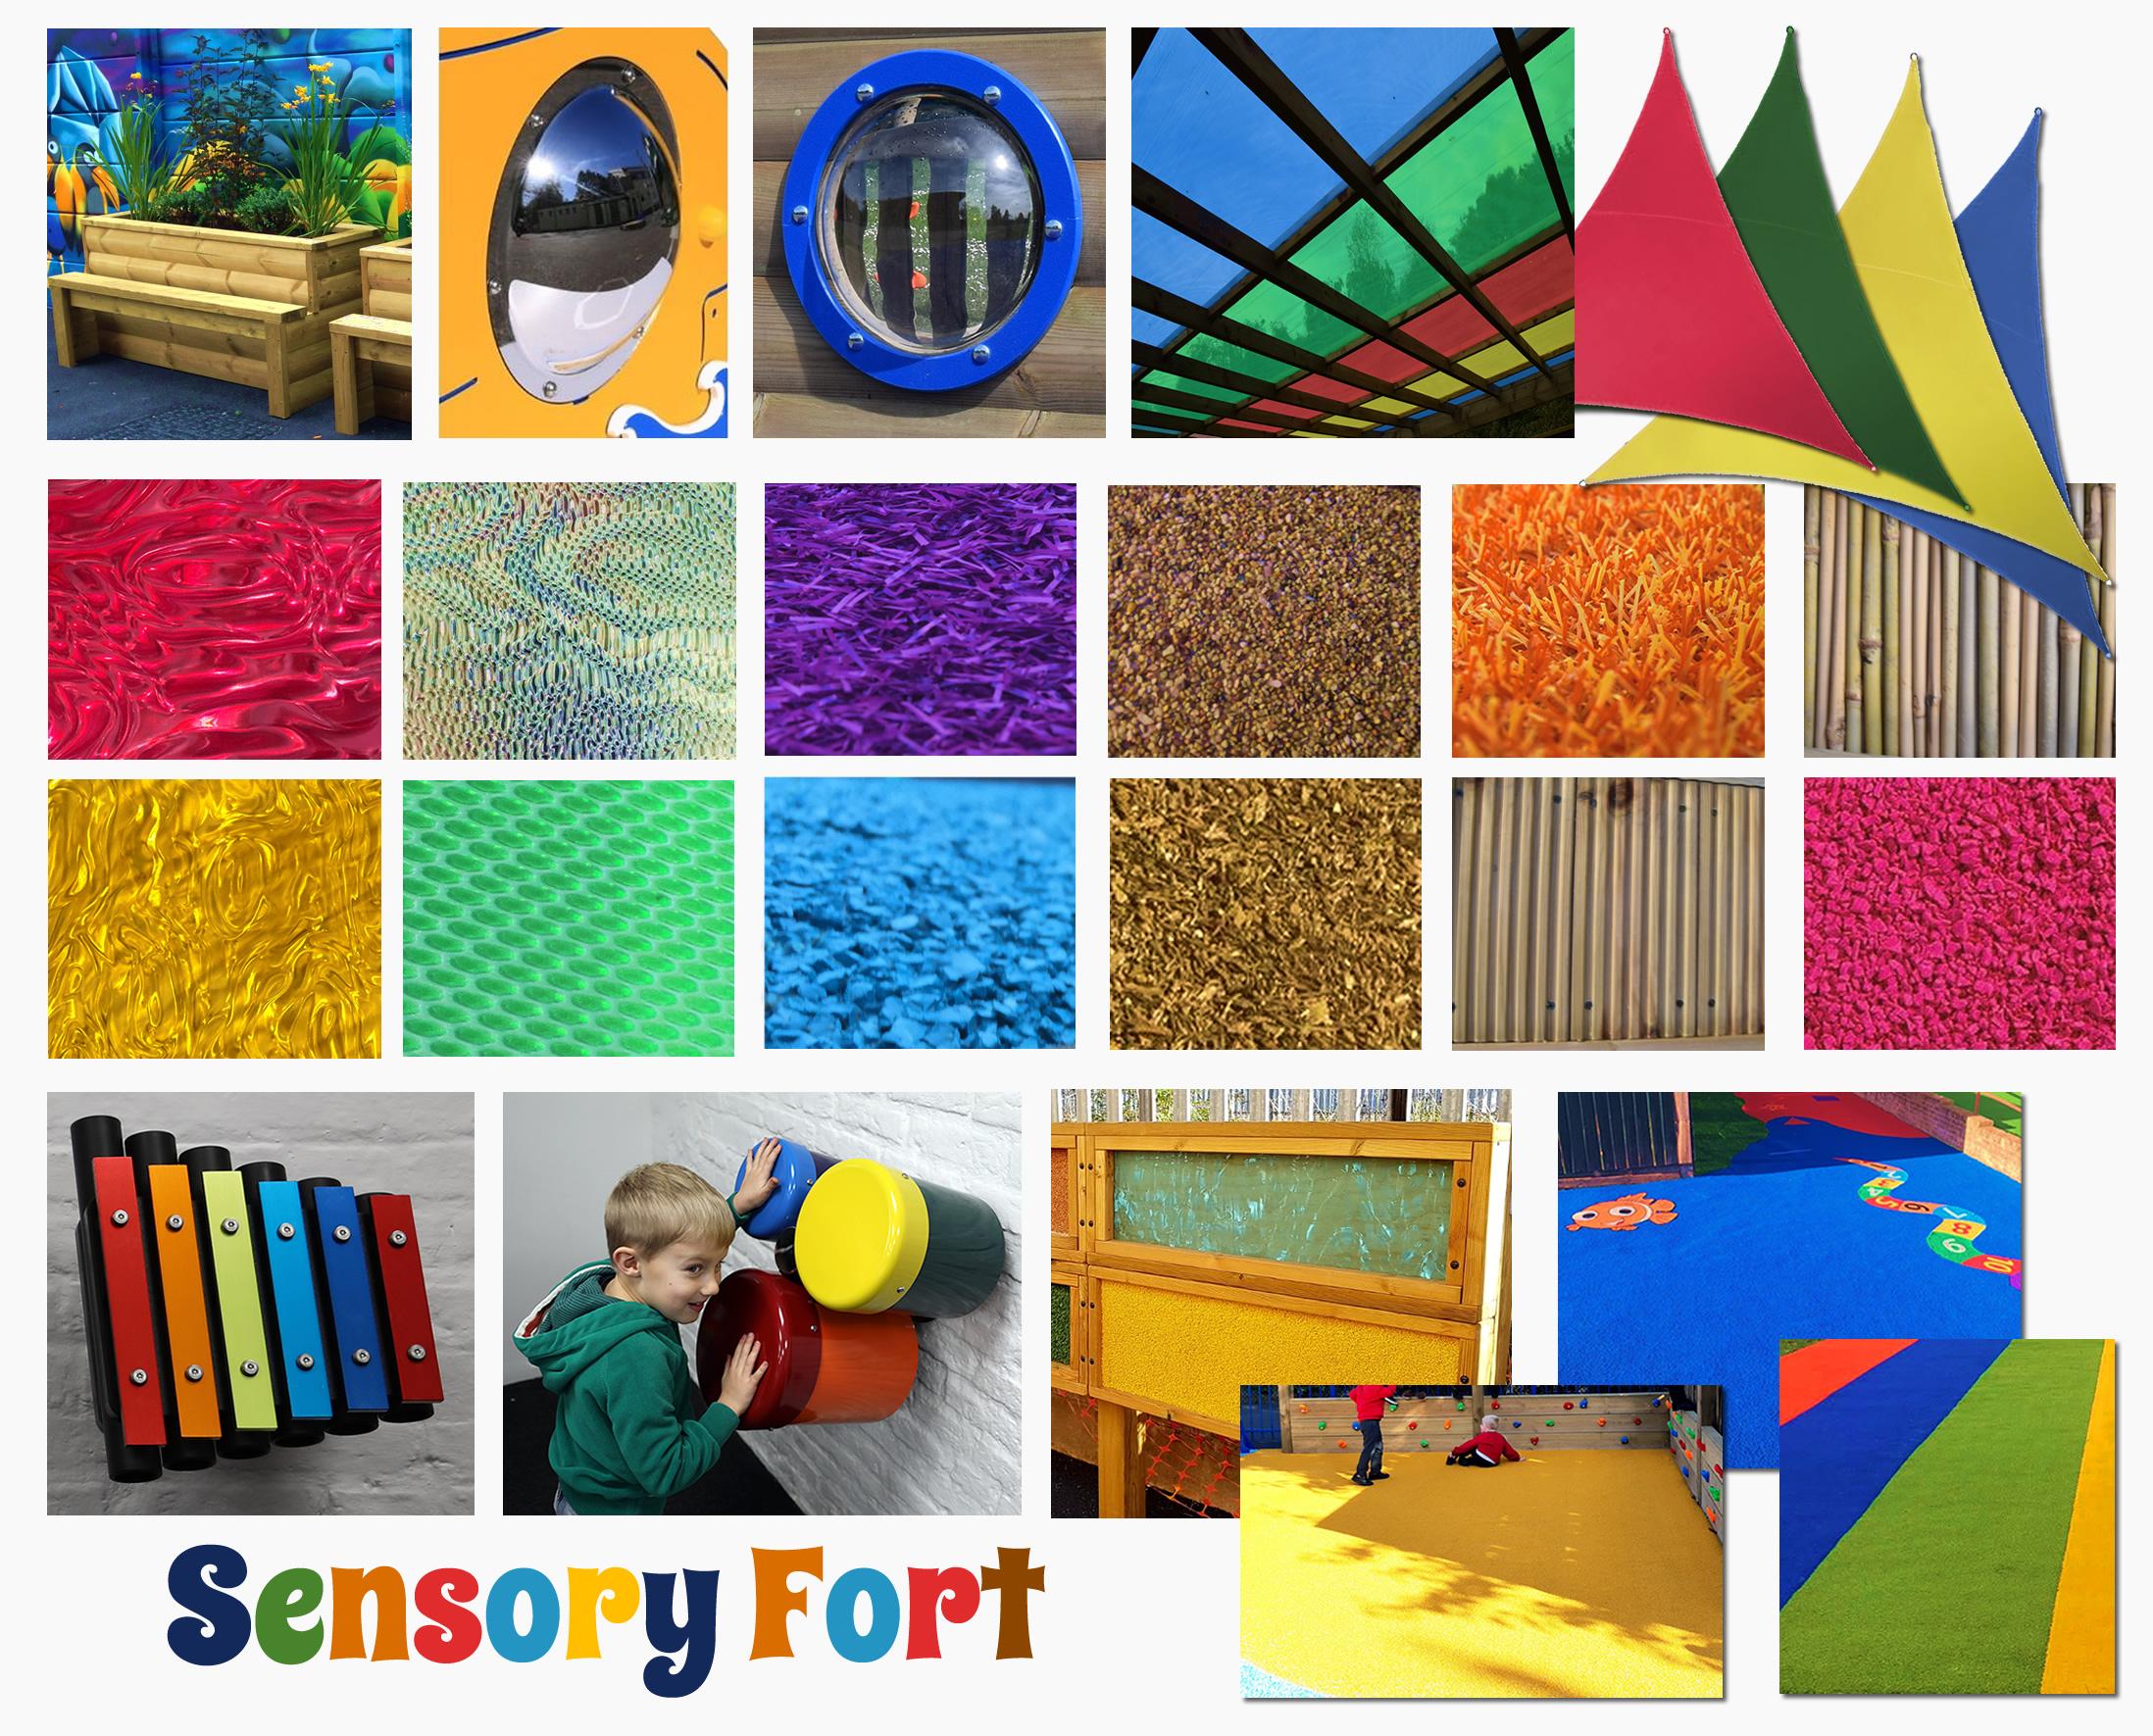 sensory-fort-2jpg